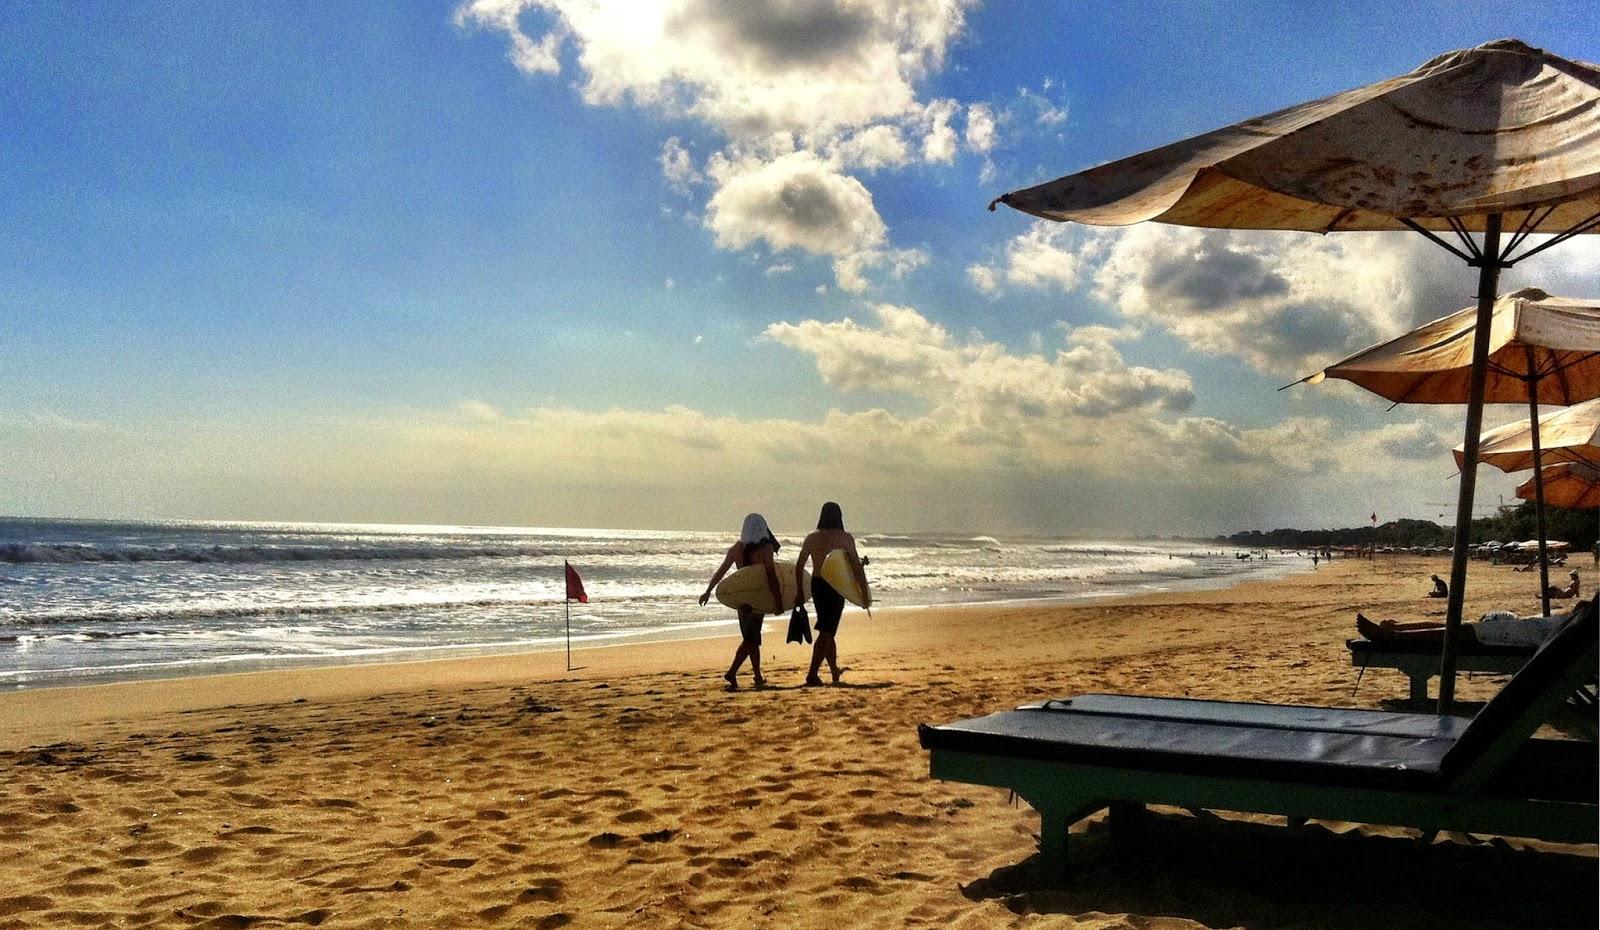 Tempat Wisata Pantai Legian di Bali yang Eksotik